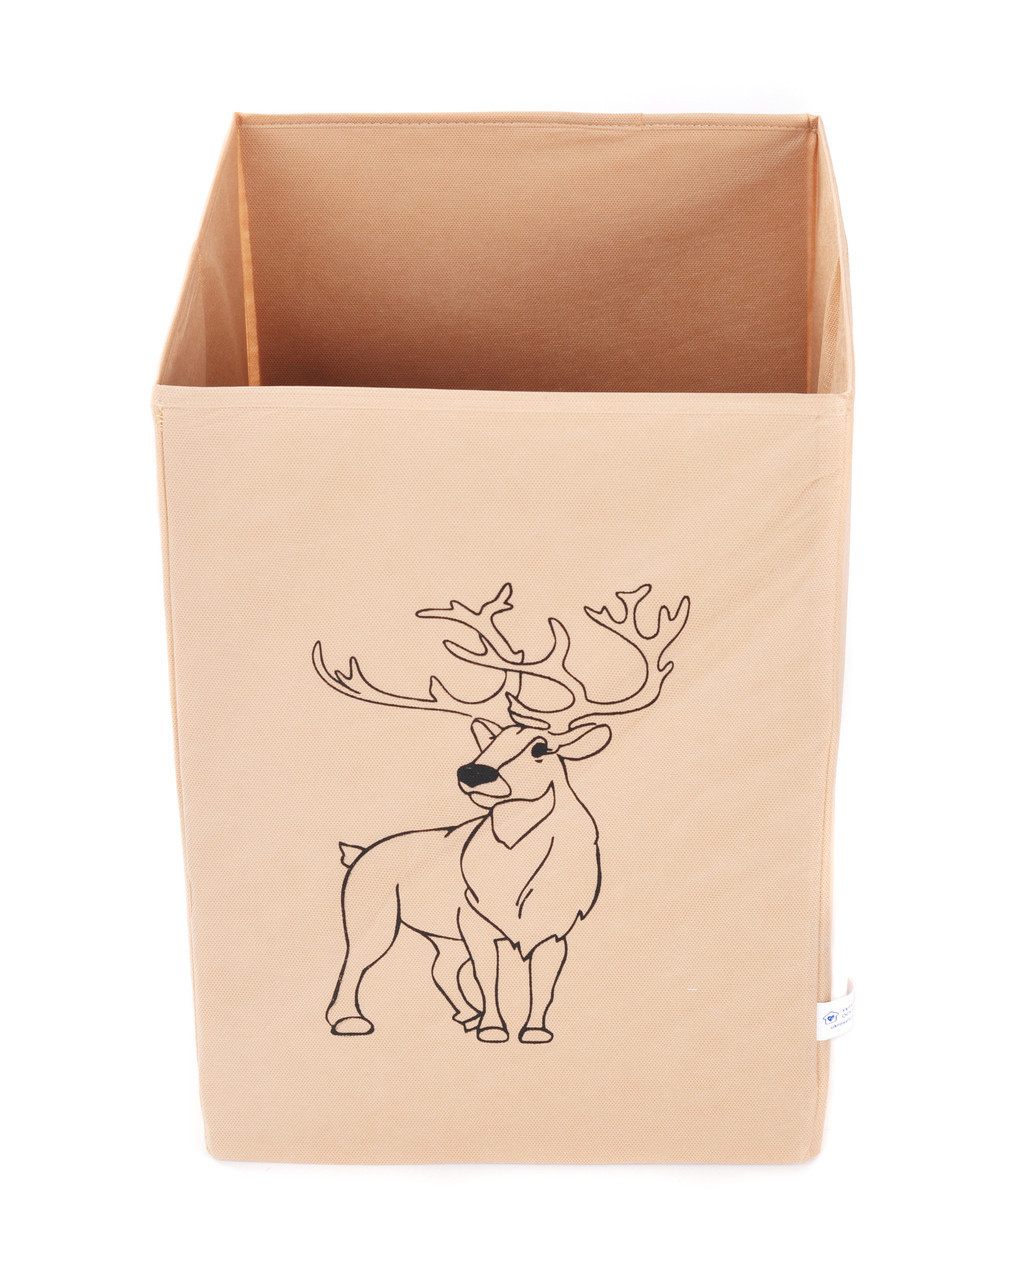 Ящик для зберігання іграшок, 30*30*55 см, Зоопарк Олень (без кришки)